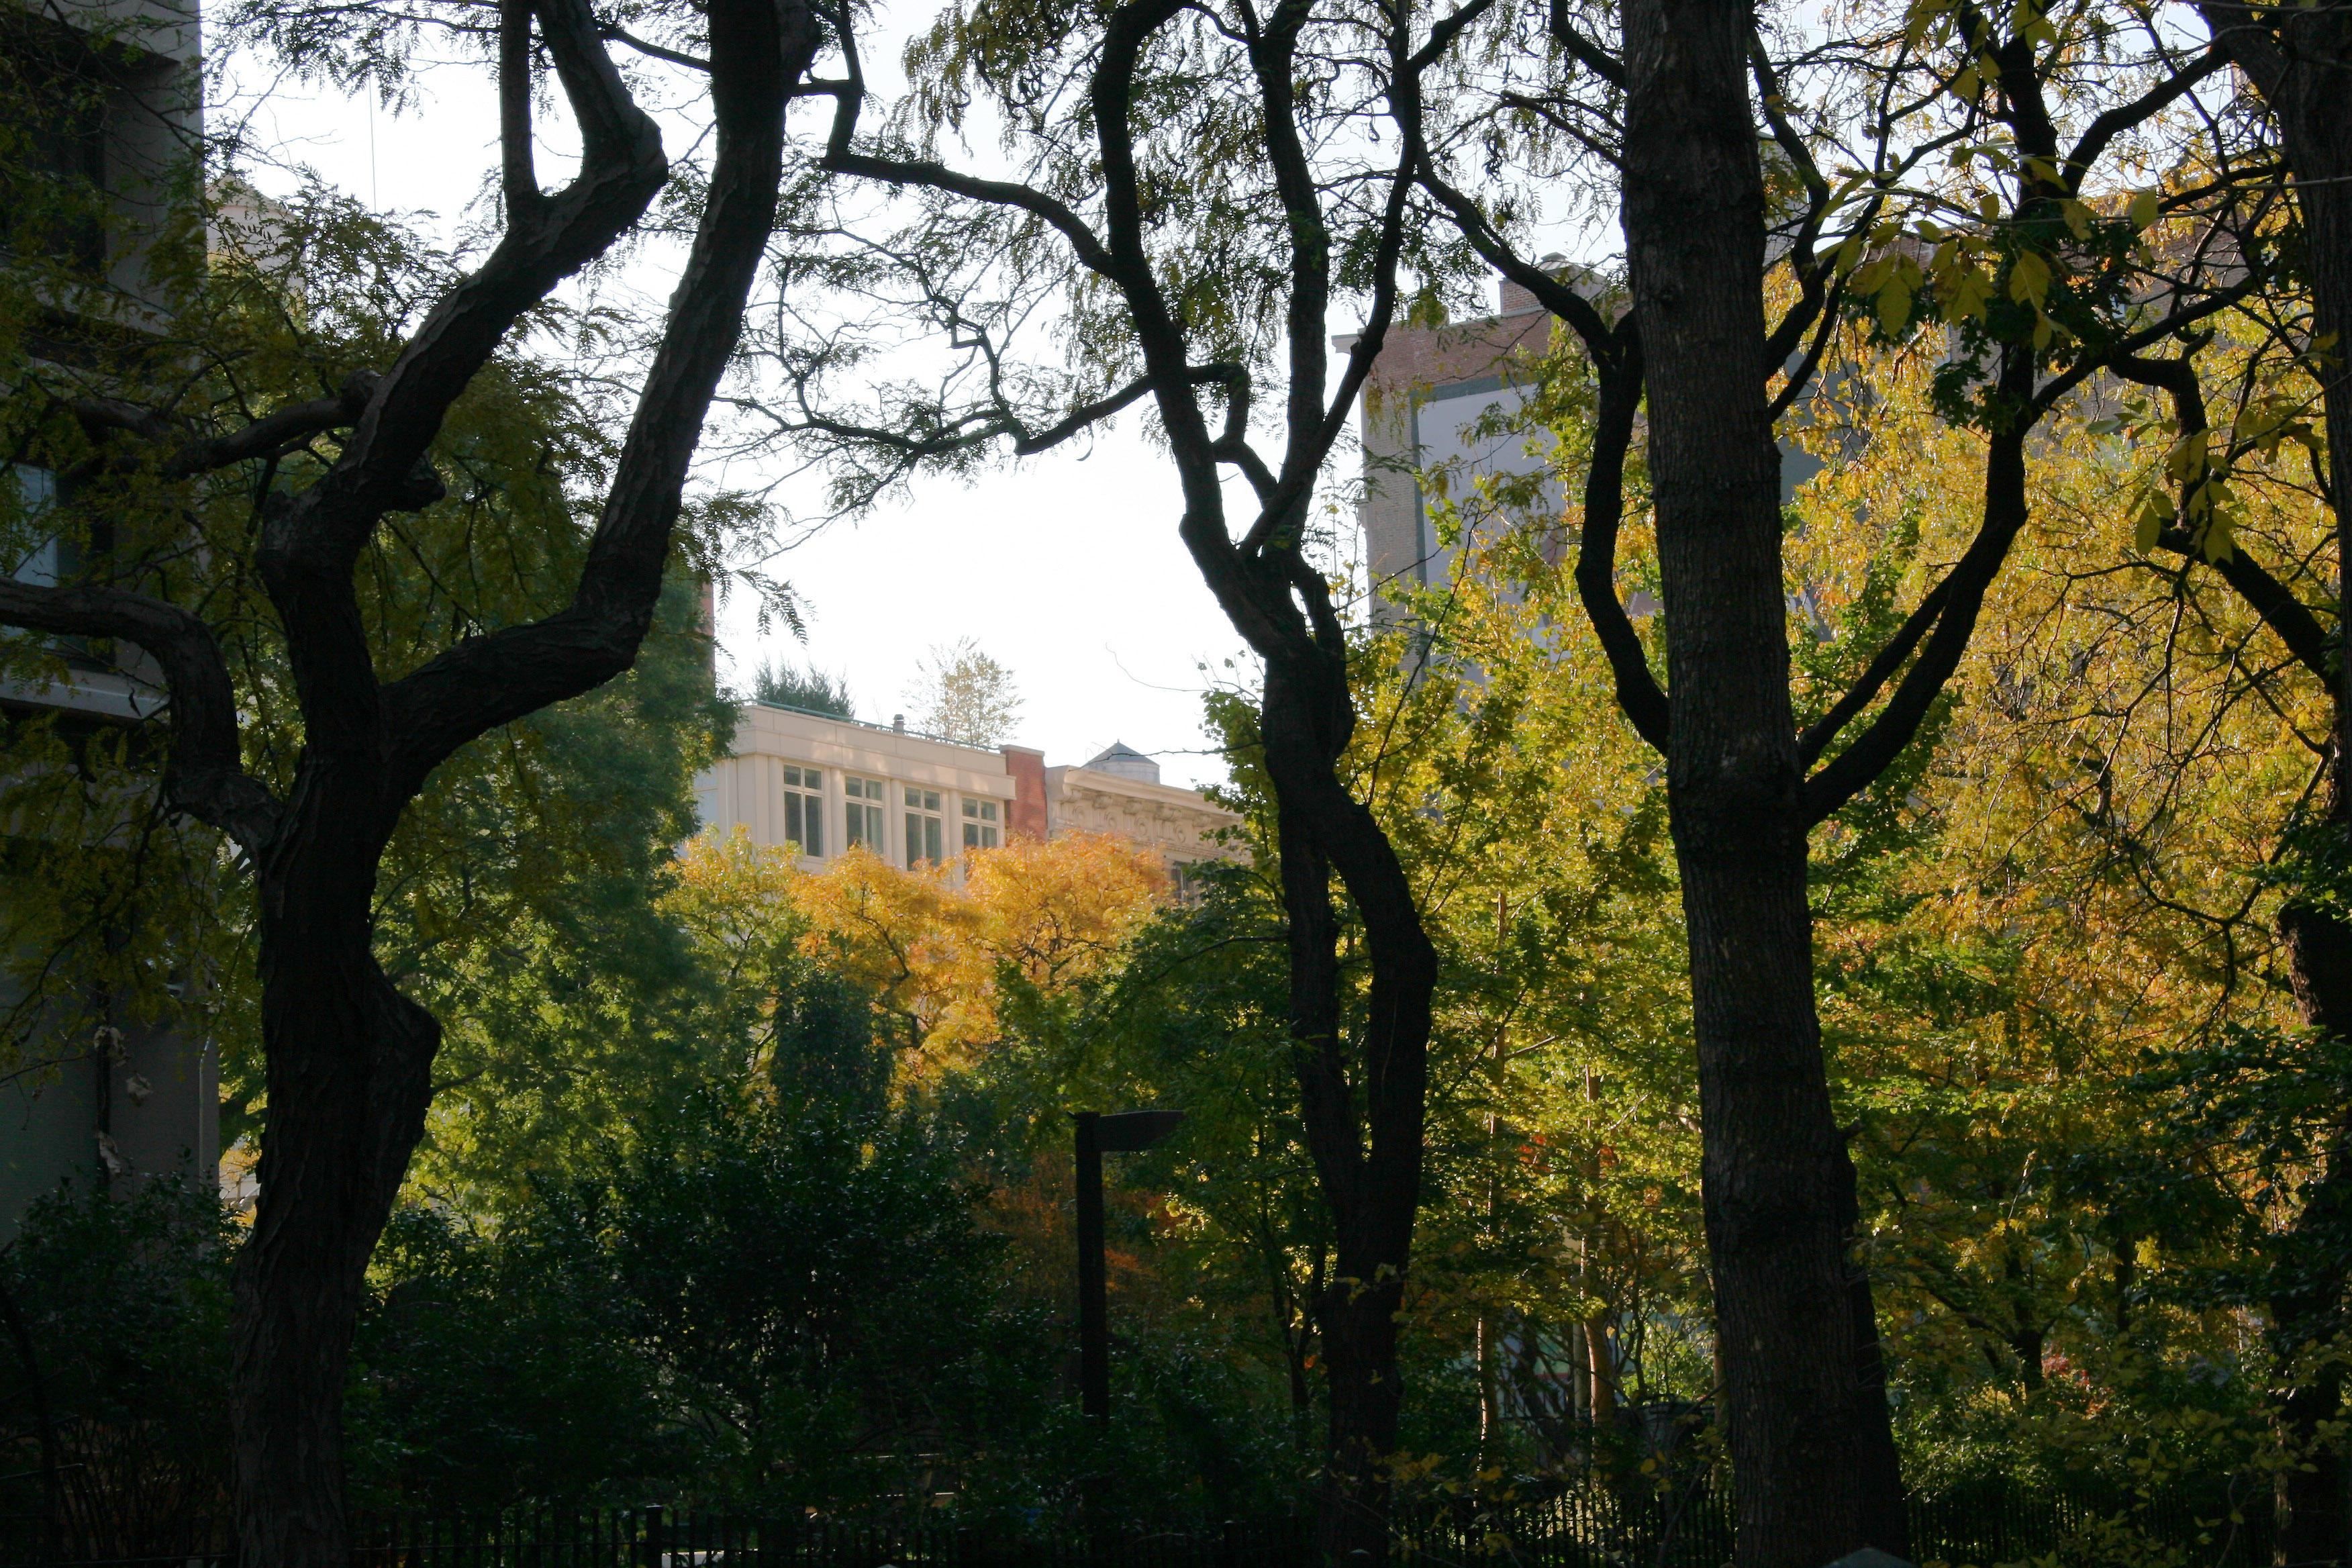 Time Landscape & 505 LaGuardia Place Gardens